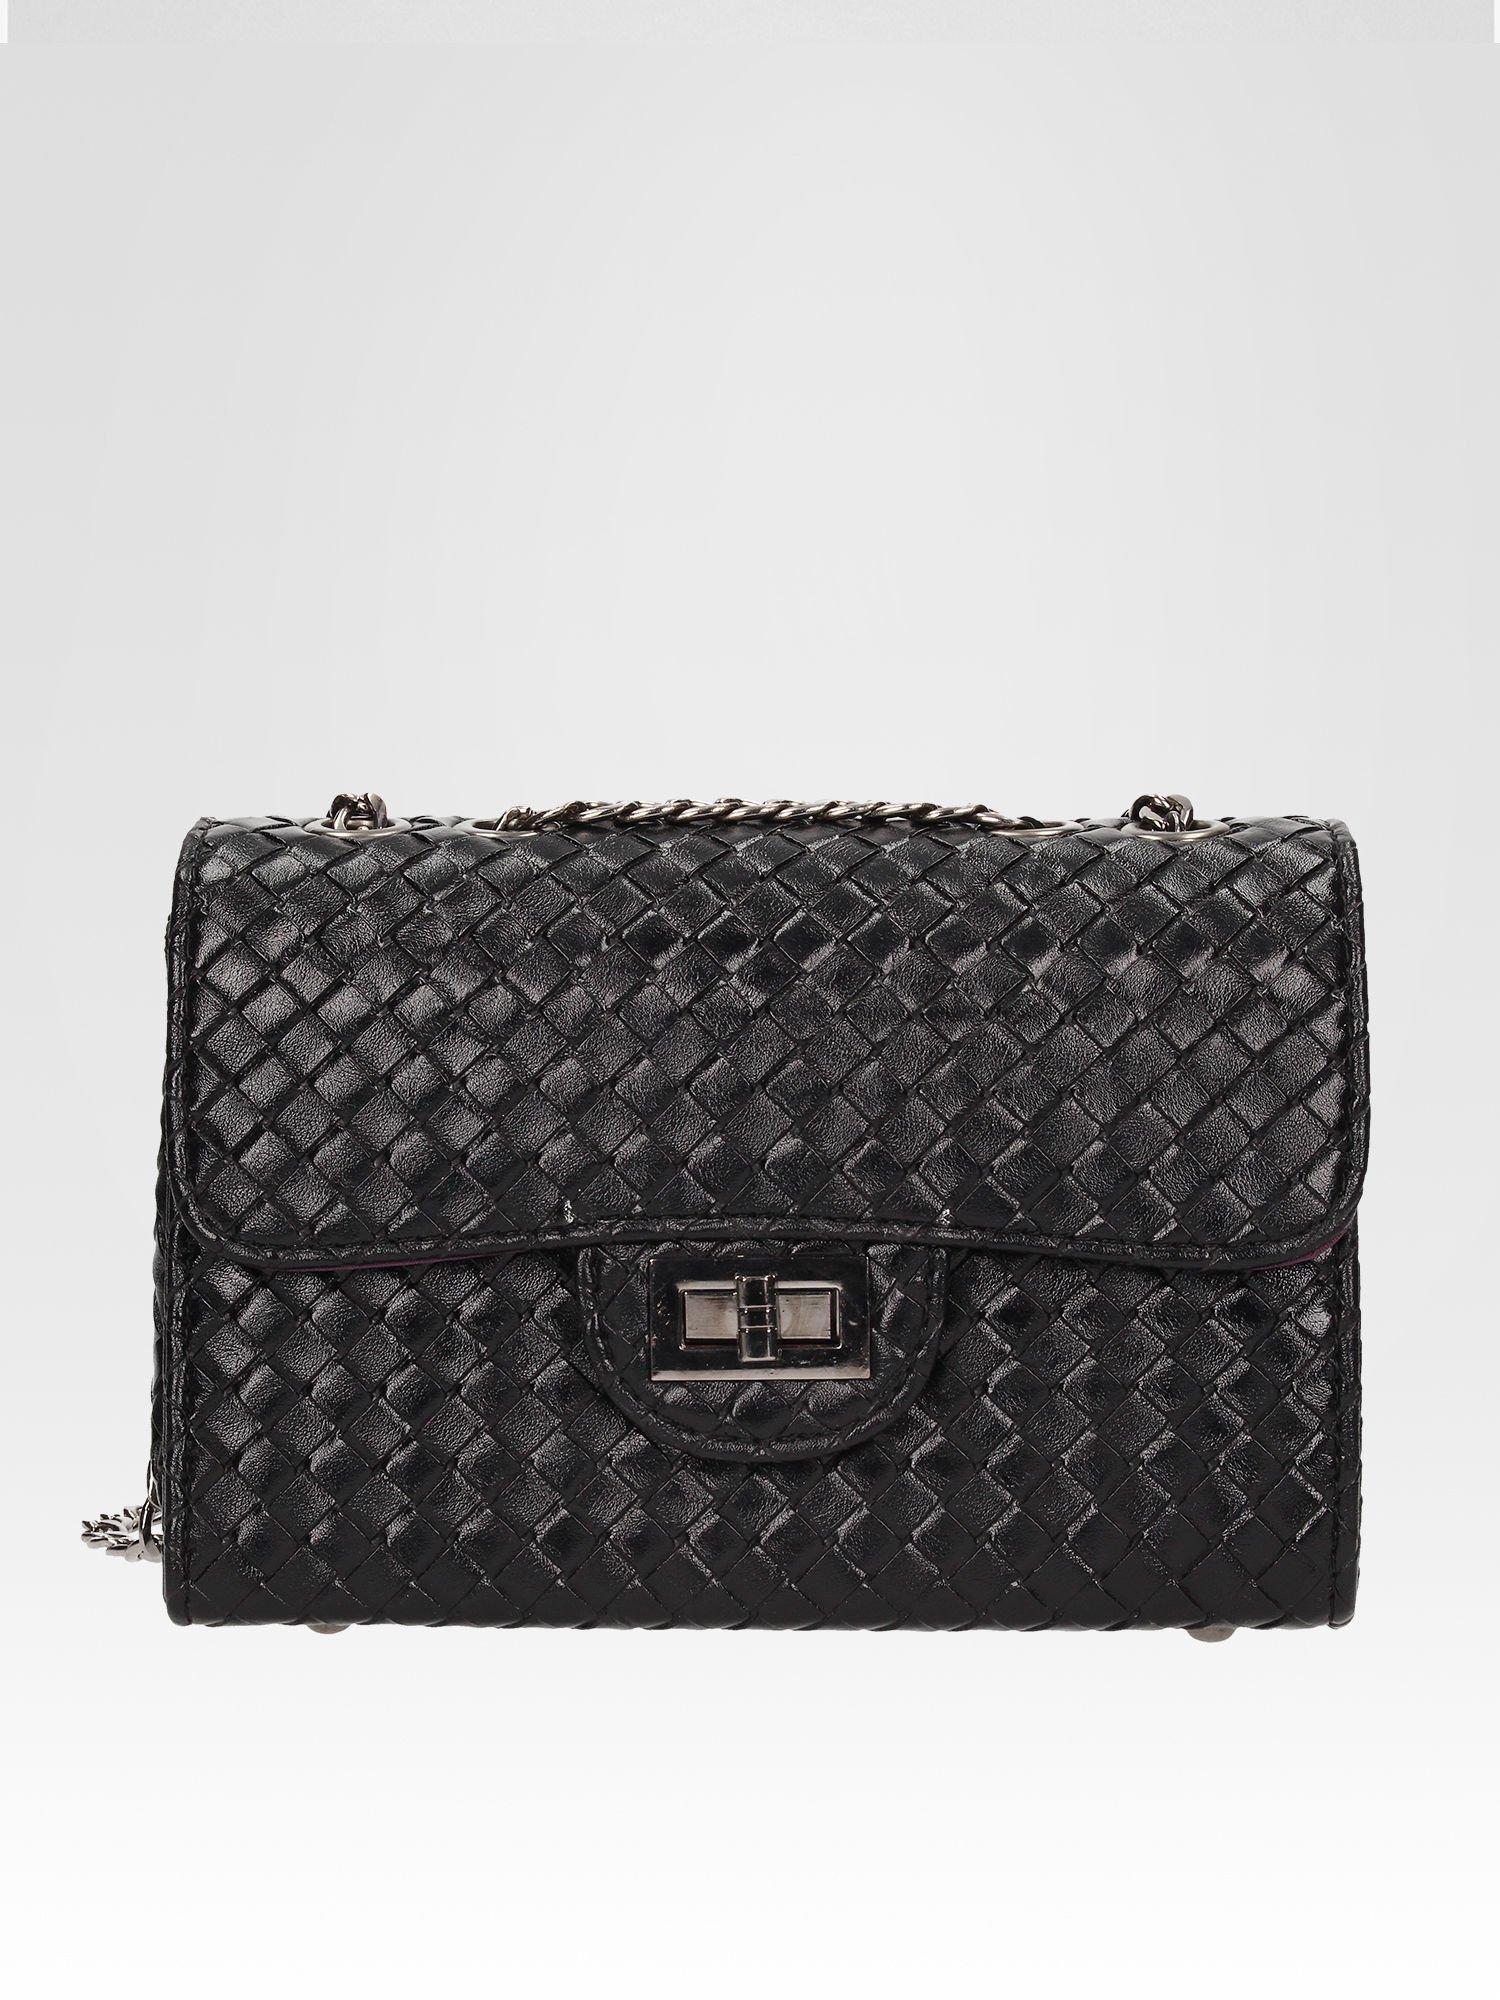 Czarna mała pleciona torebka na łańcuszku                                  zdj.                                  1